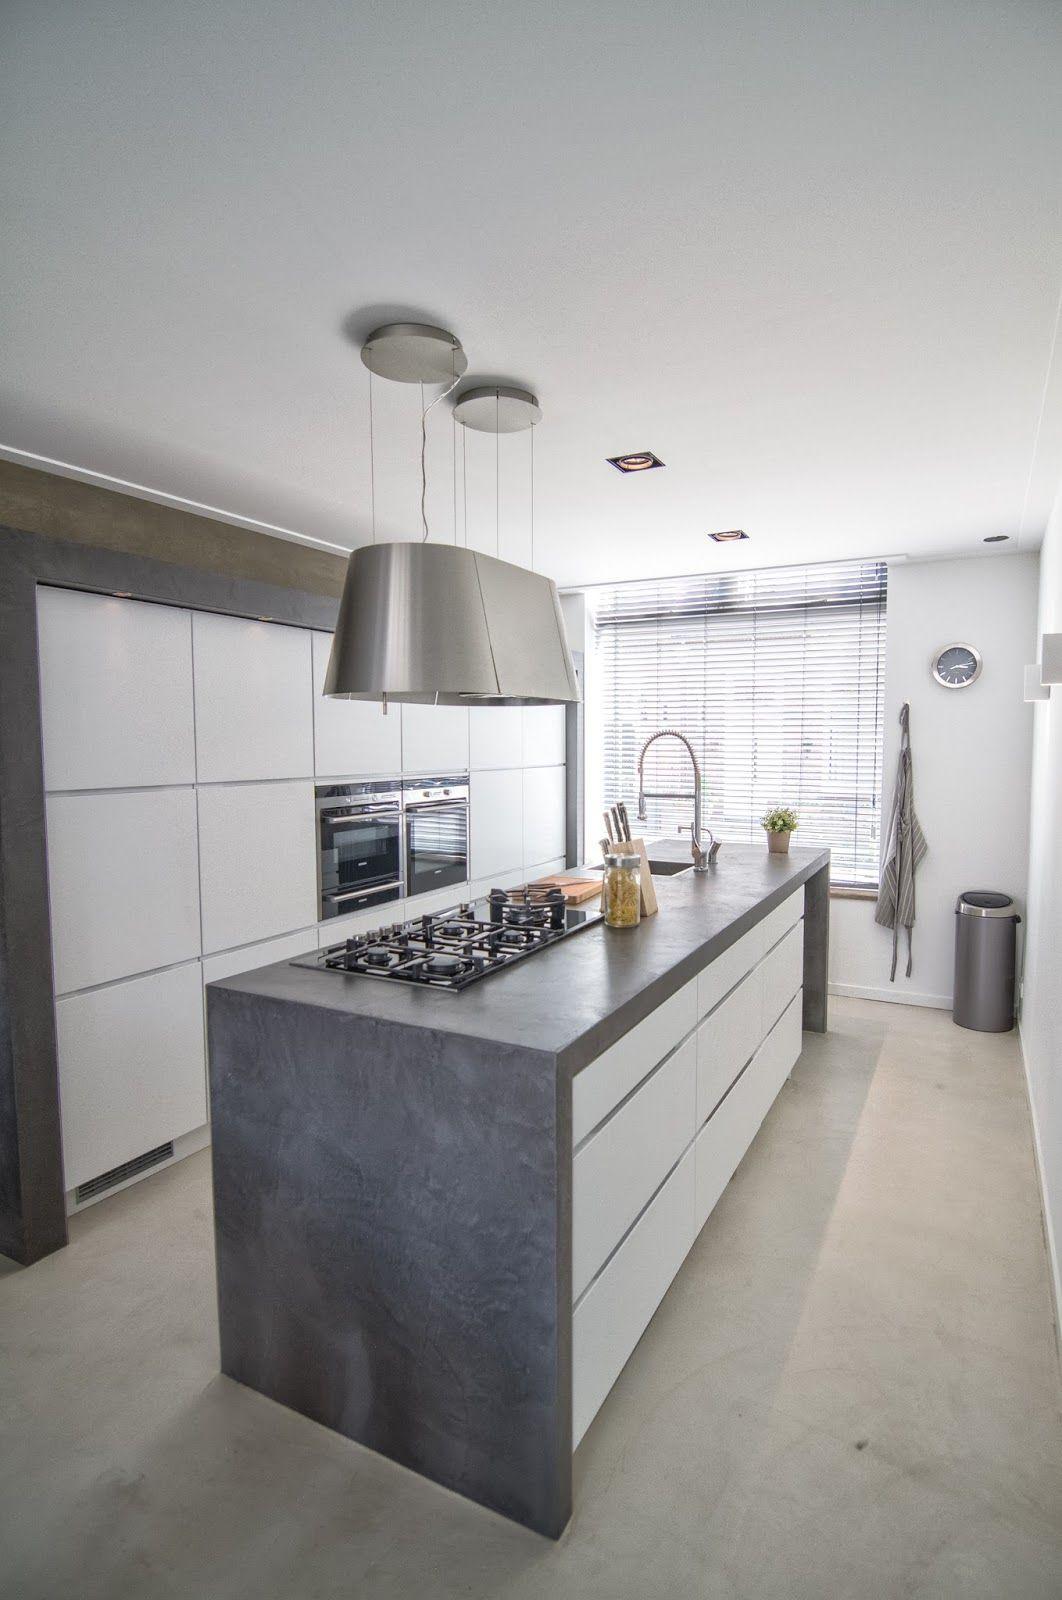 Cocina con microcemento en estantes encimera y mueble en for Muebles de cocina la plata